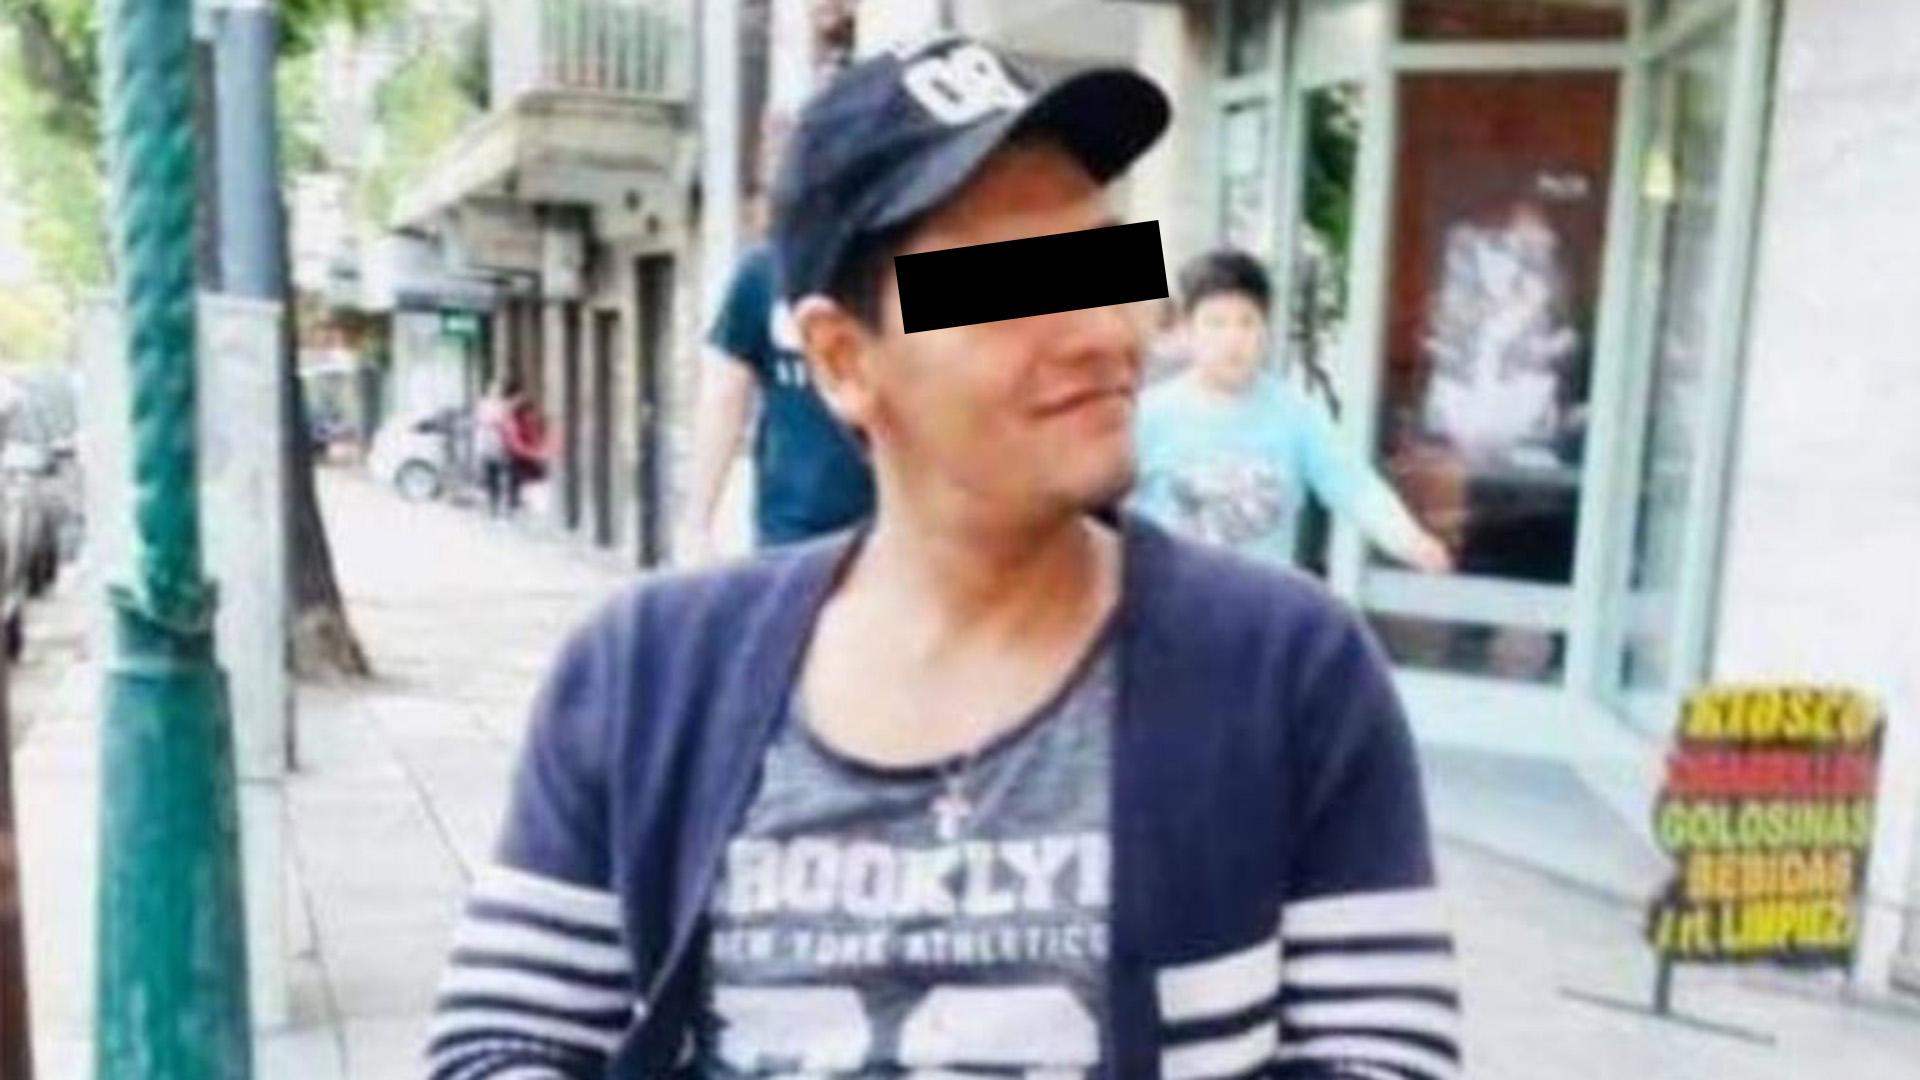 Declaró el acusado de violar a la joven venezolana: negó el ataque y dijo que fue una relación consentida